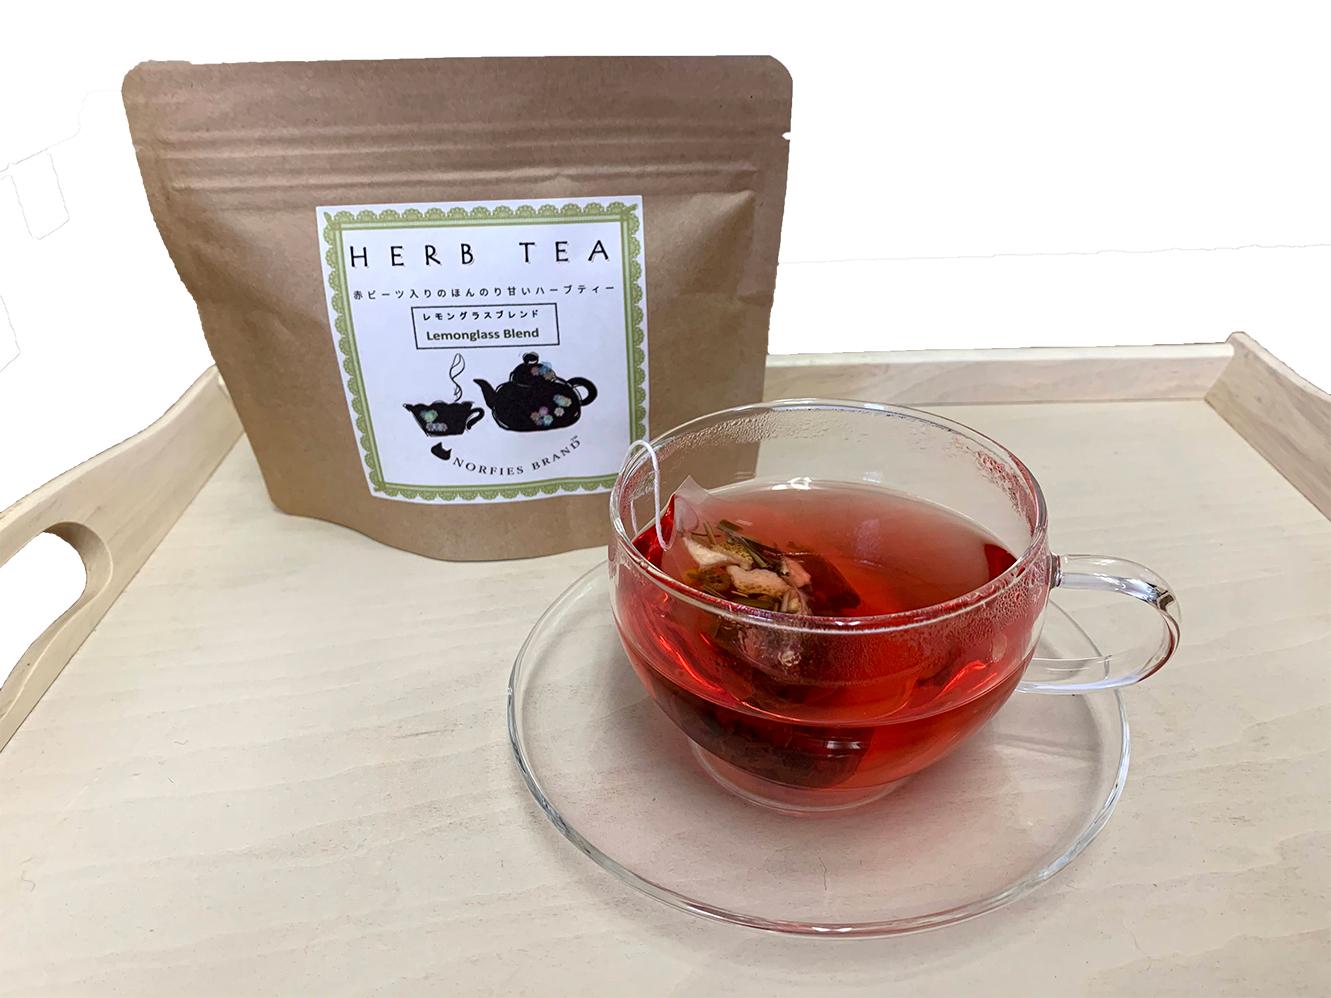 【送料無料】赤ビーツ入りHERB TEA(レモングラスブレンド)